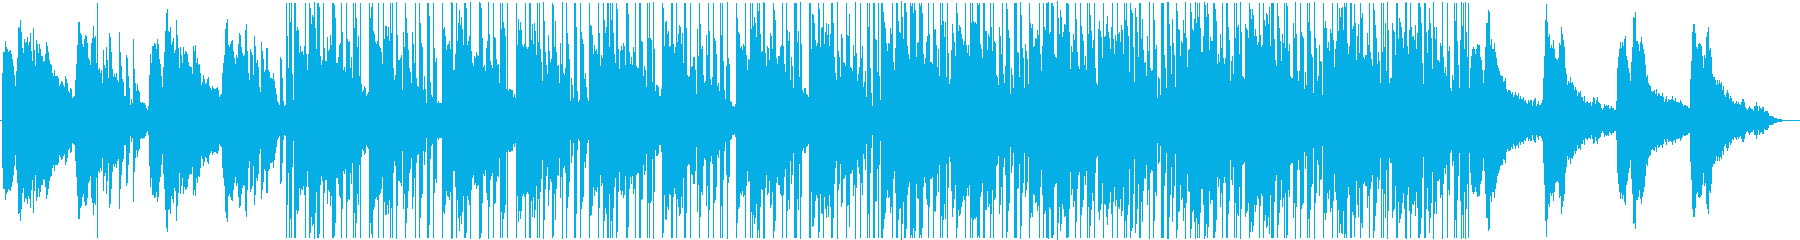 おしゃれなギターのヒップホップ風BGMの再生済みの波形